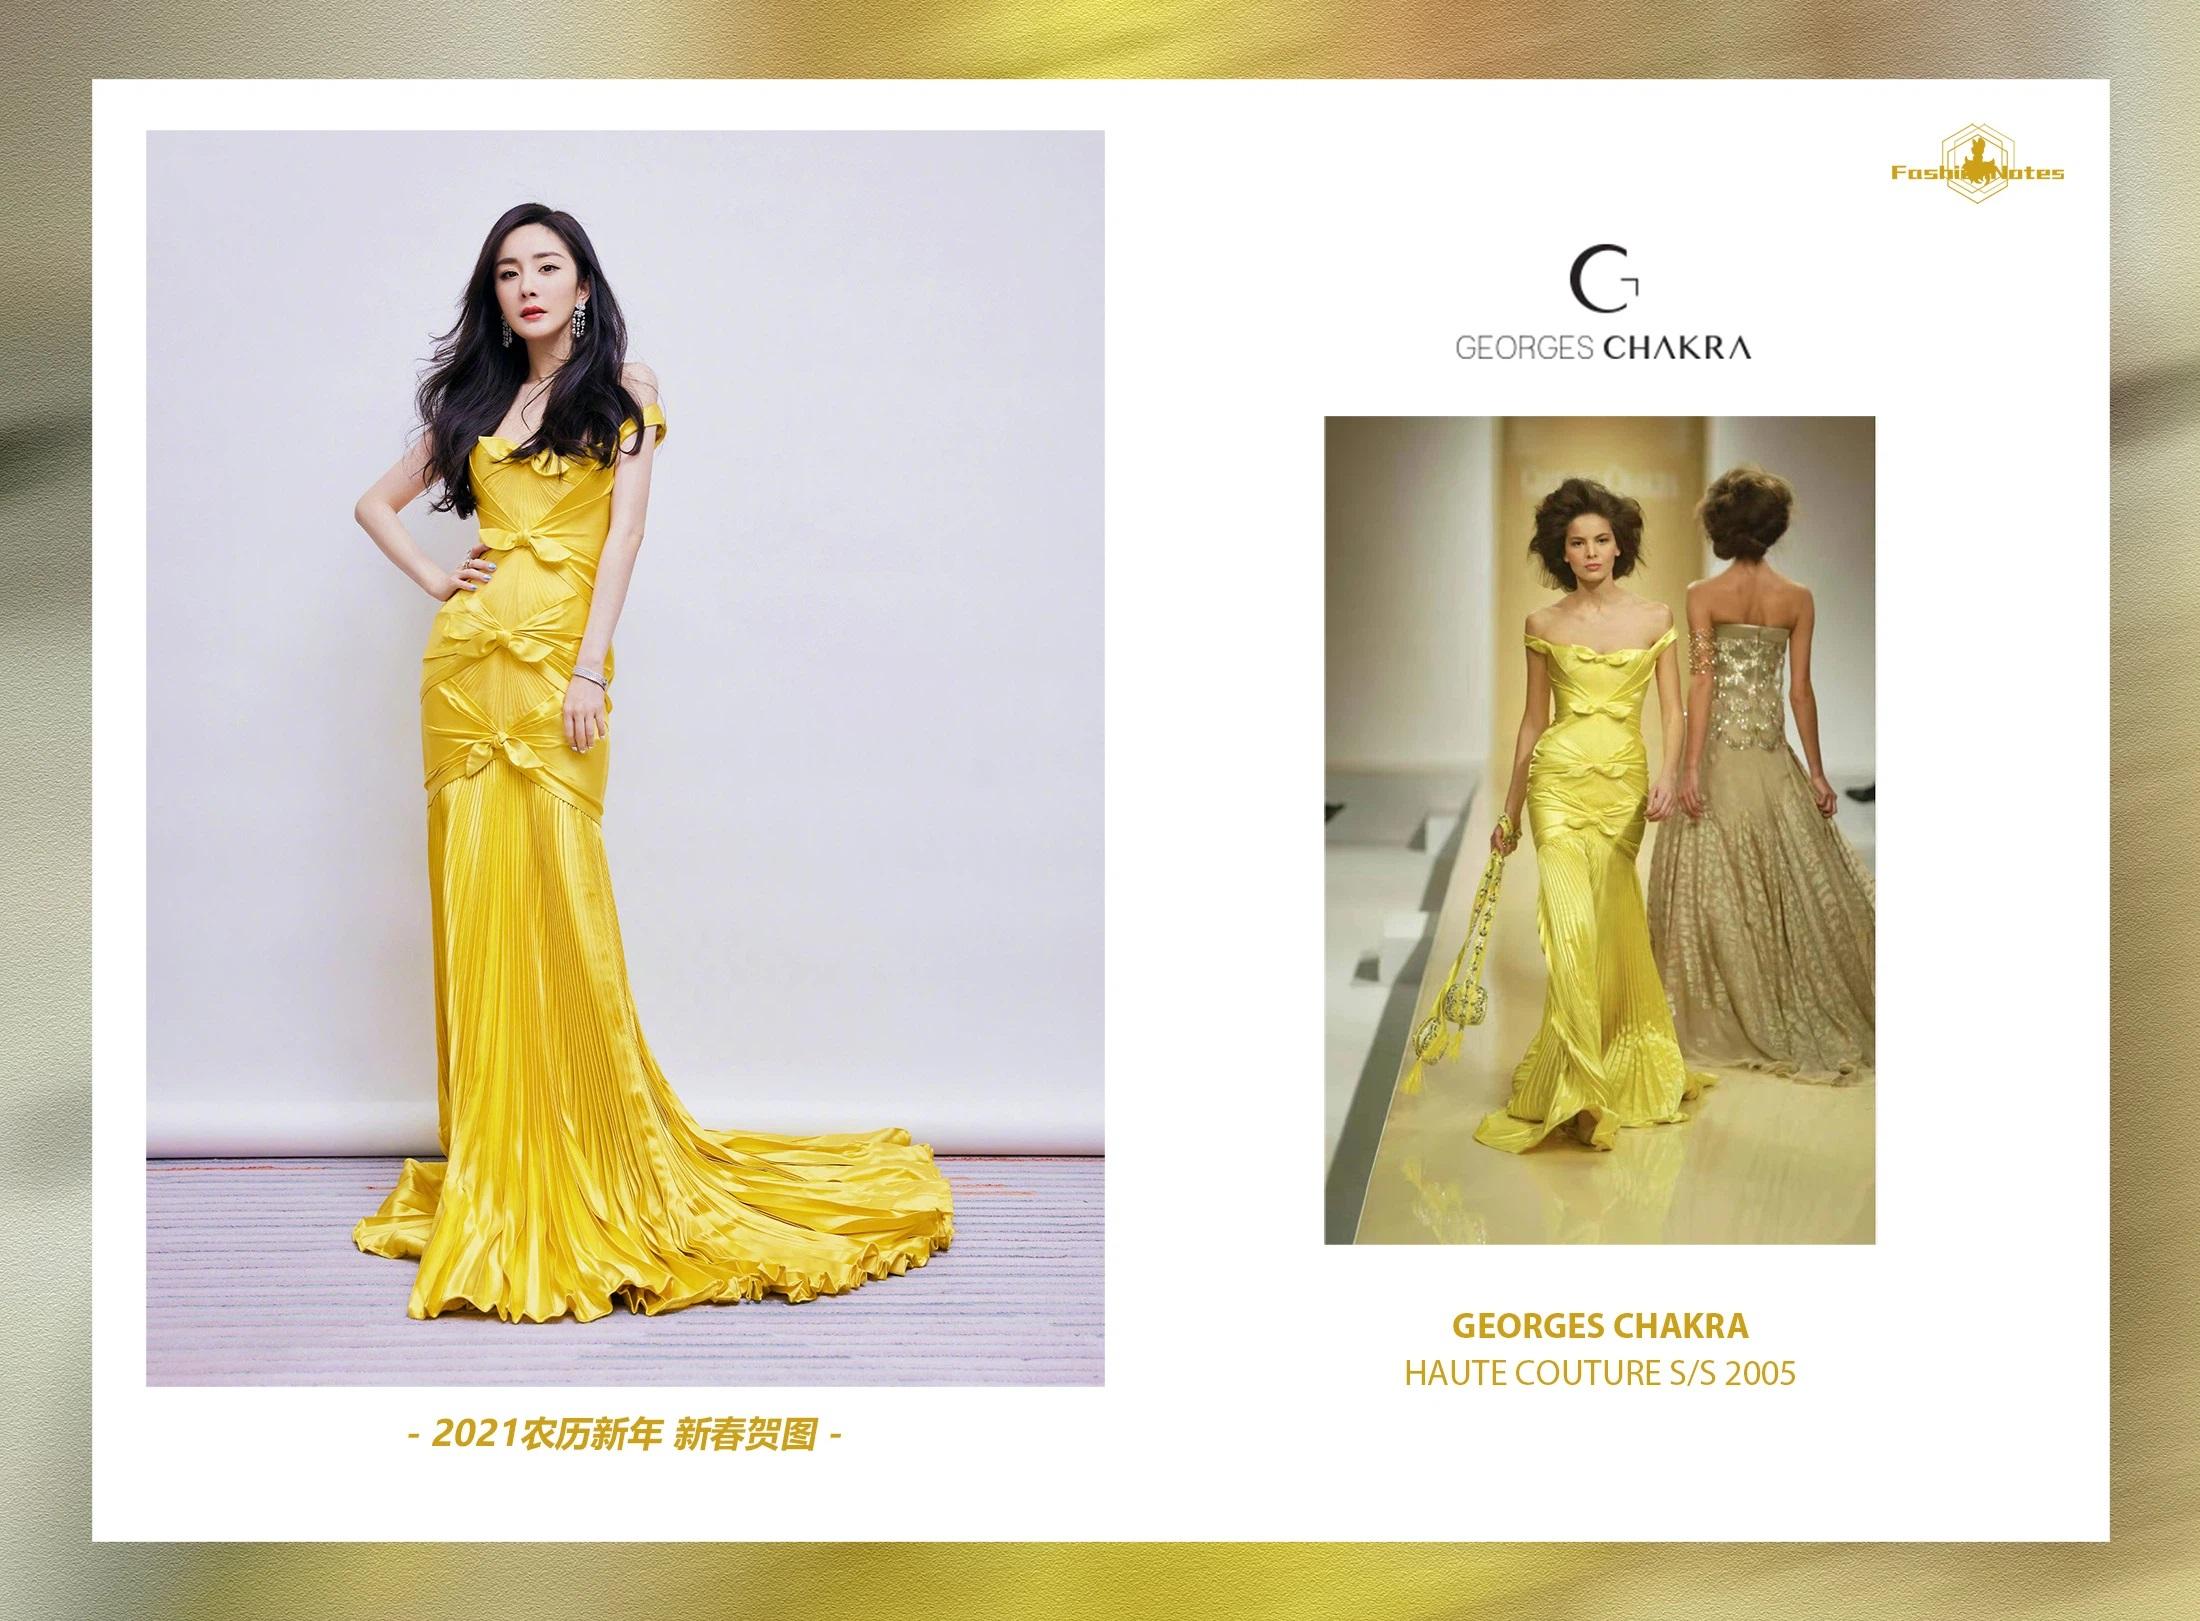 """Dương Mịch lao vào cuộc đua đồ cao cấp, đổi stylist để """"lấy le"""" diện đồ Haute Couture đi sự kiện nhưng vẫn bị dân tình chê bai - Ảnh 2."""